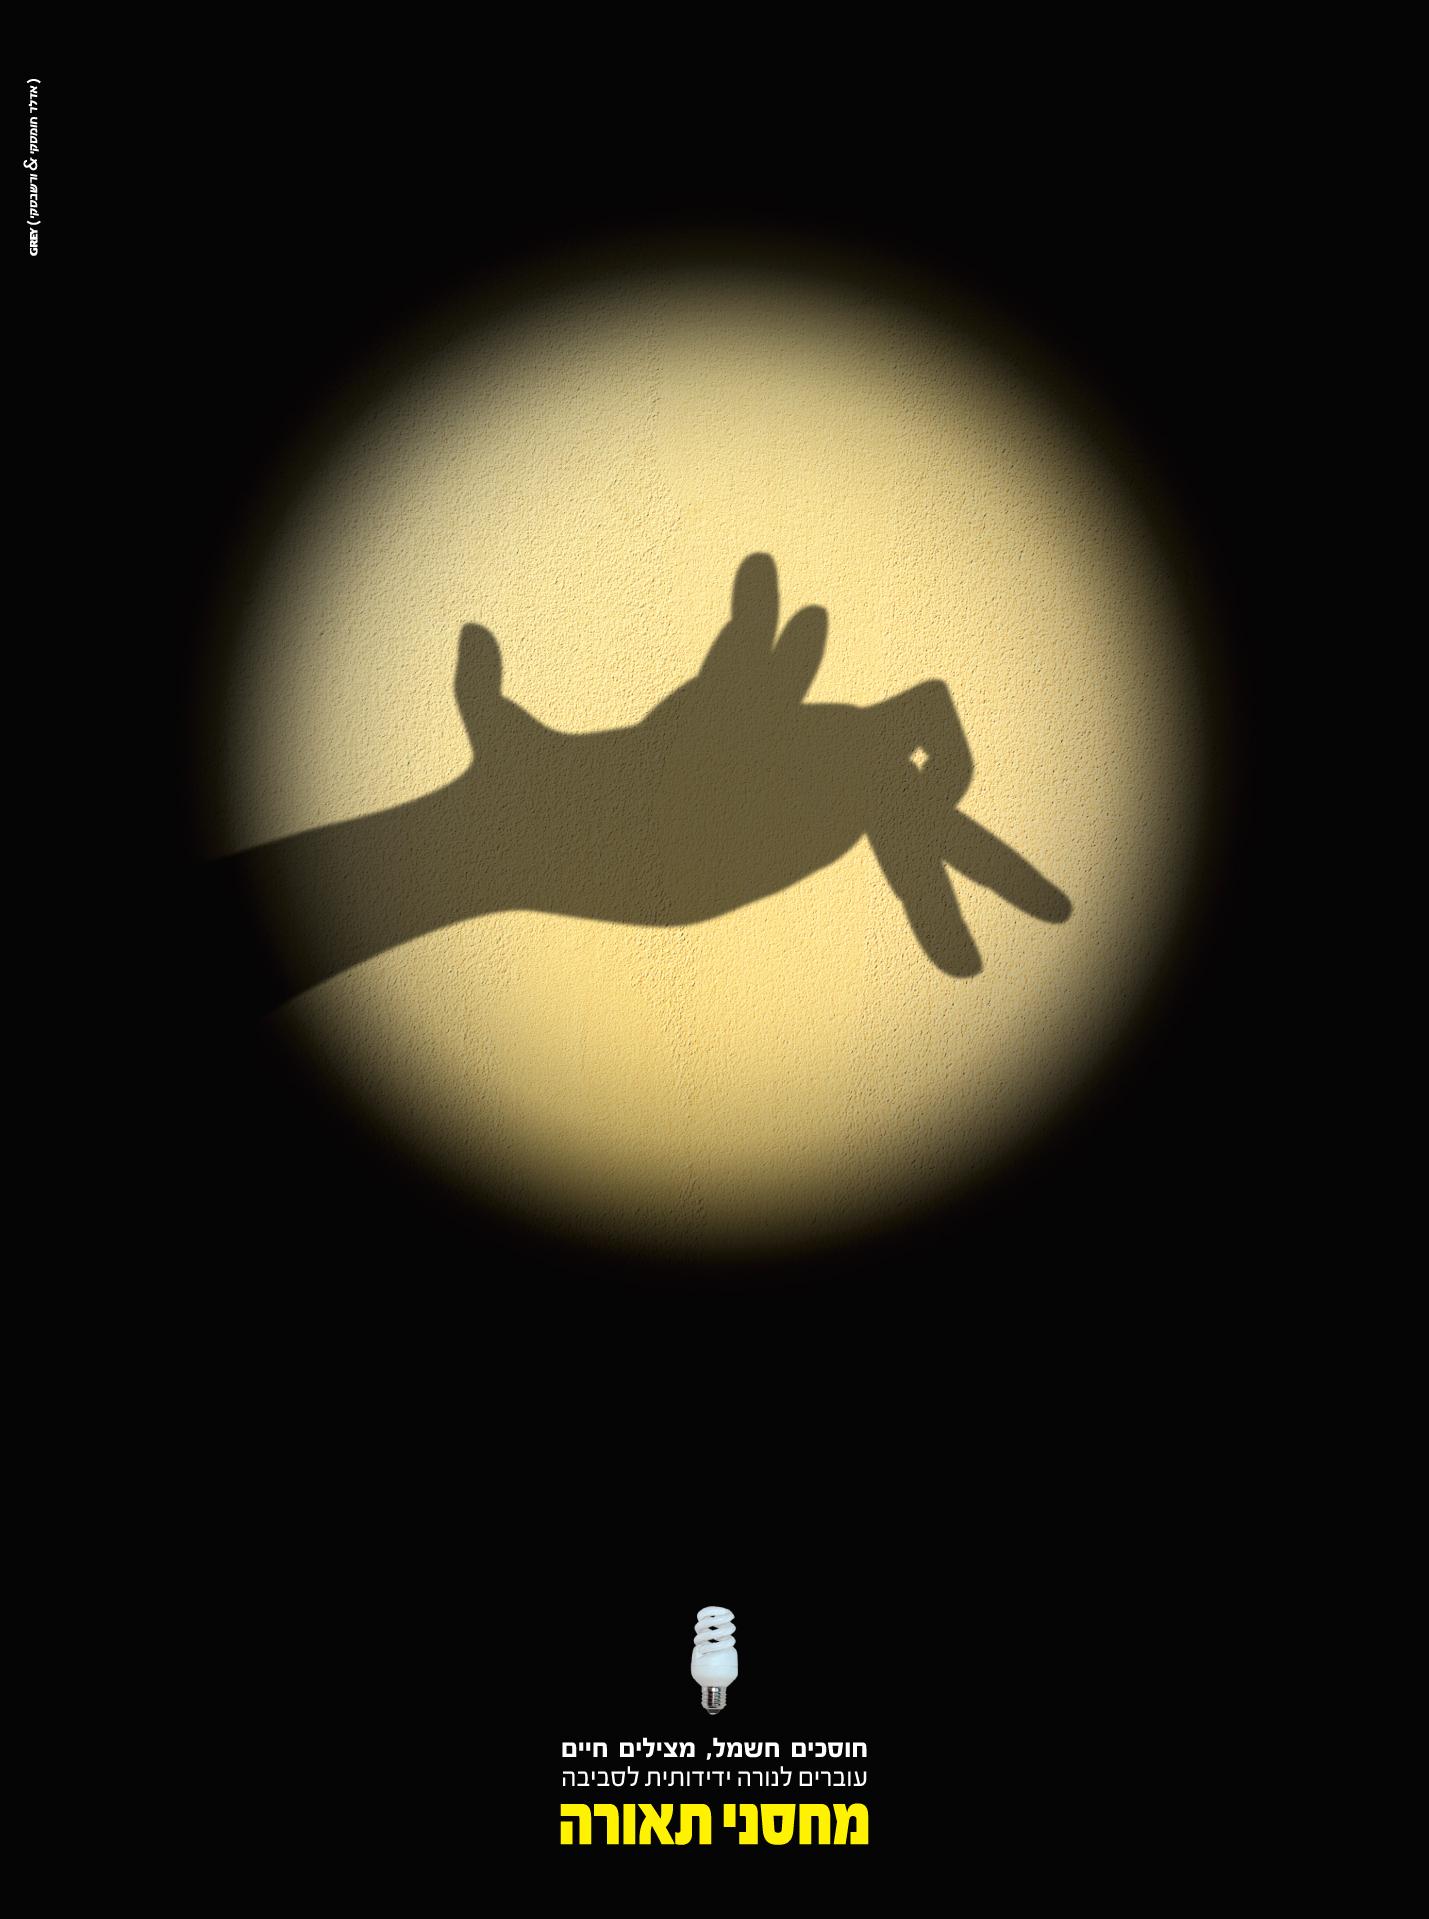 דג הזהב 2012 - מחסני תאורה